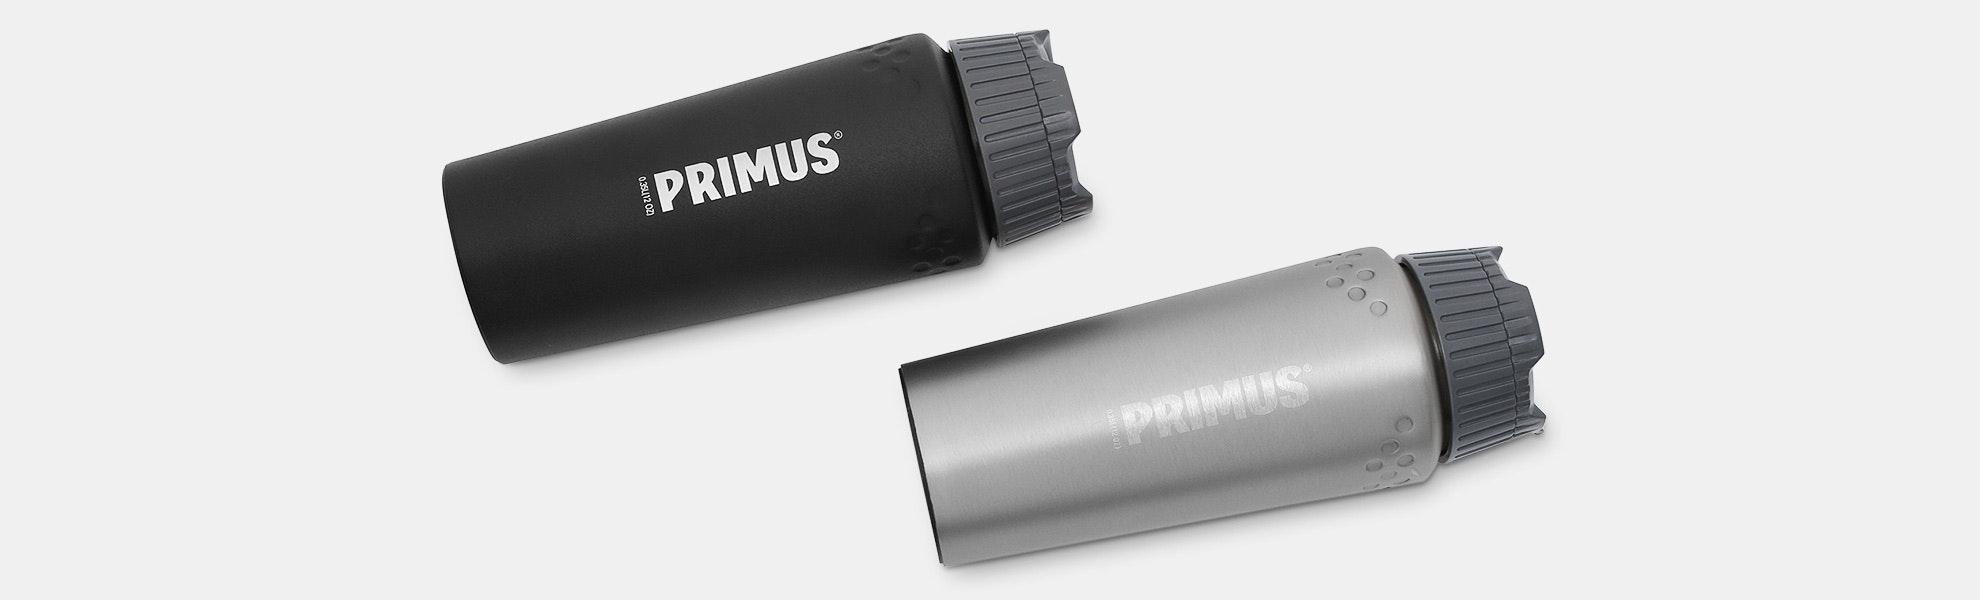 Primus Trailbreak 0.35L Vacuum Mug